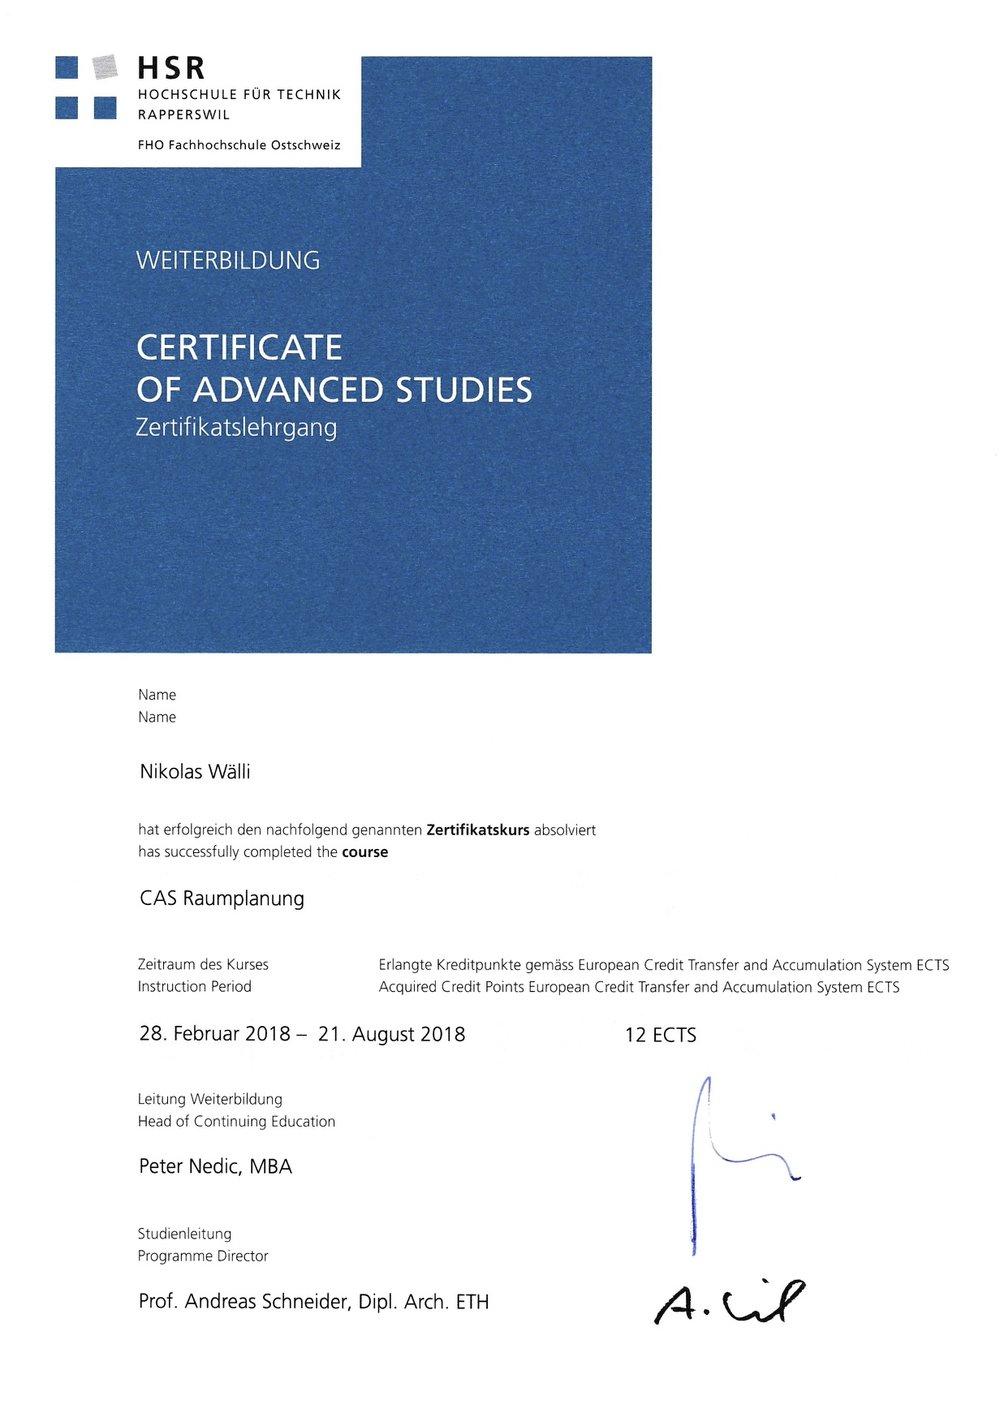 Diplom_CAS_Scan.jpg